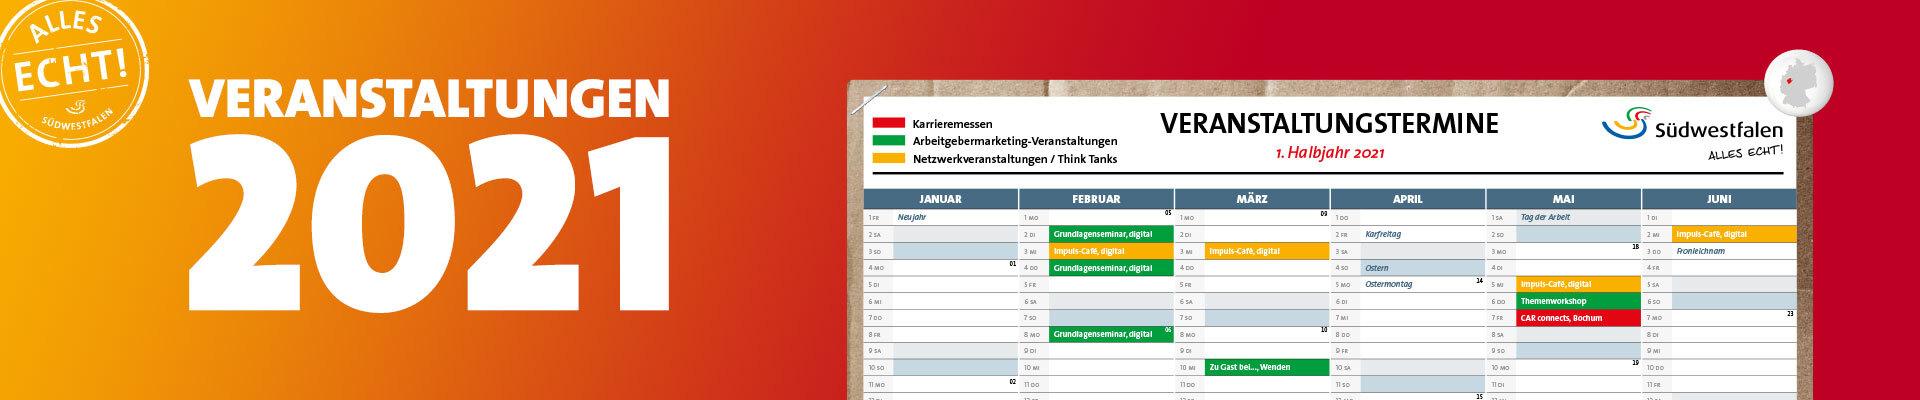 Header-Veranstaltungen-2021